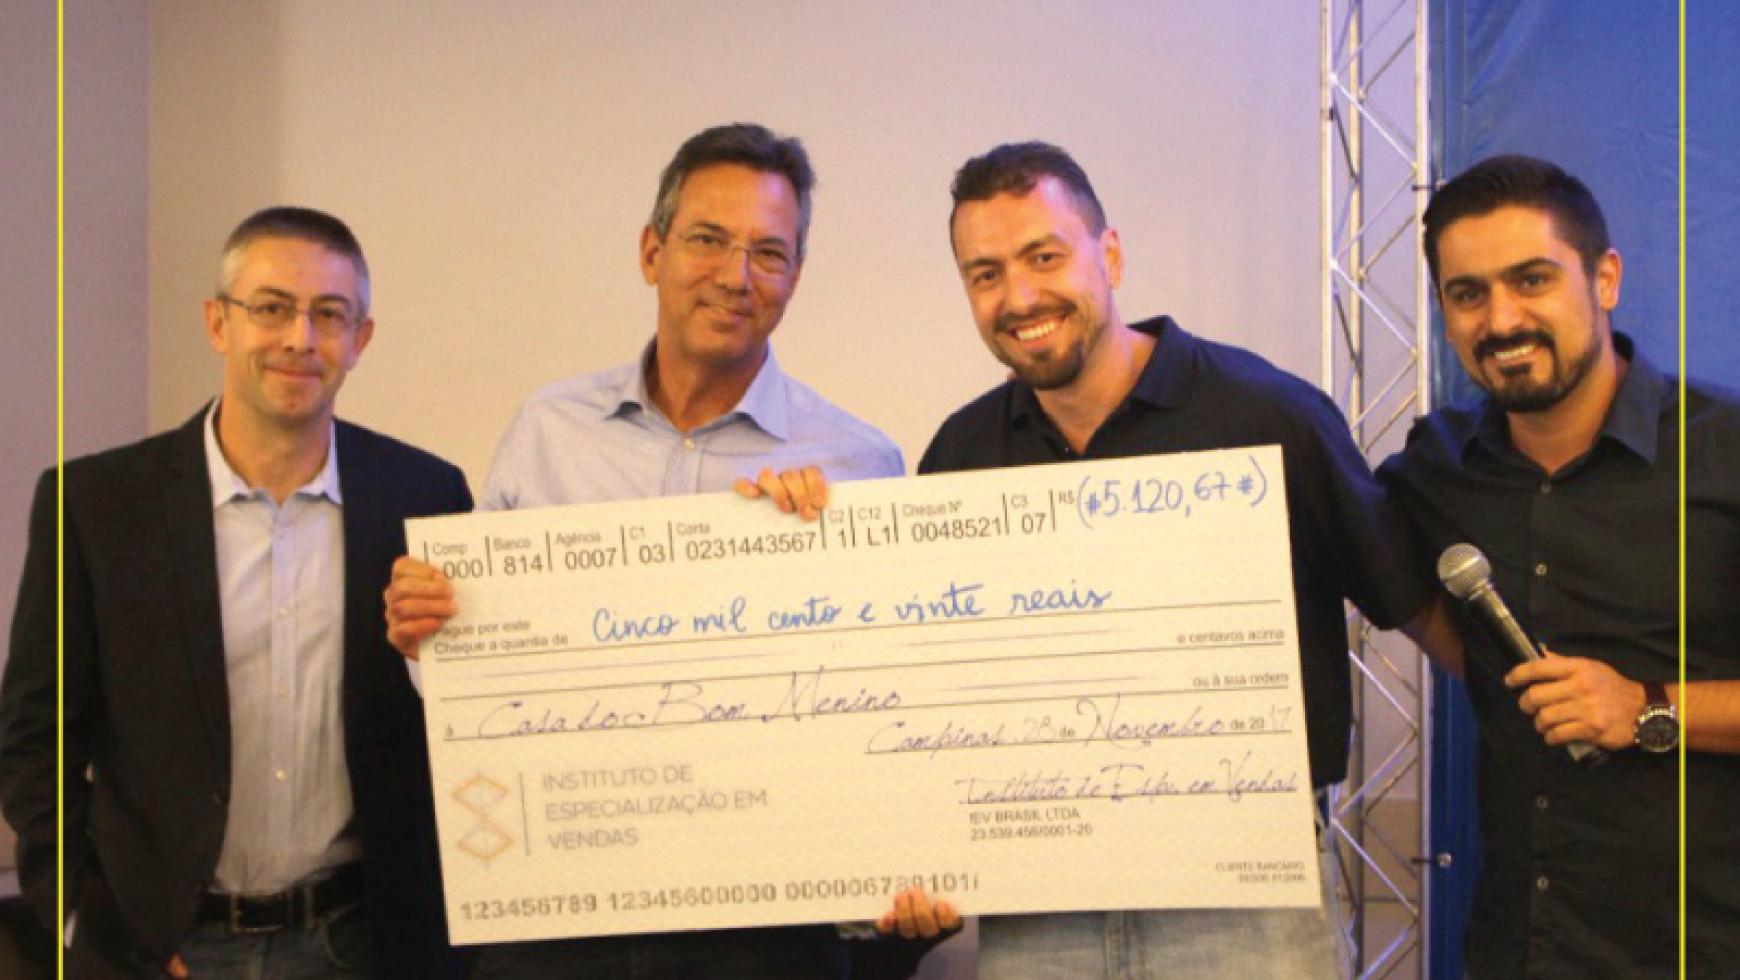 CBM recebe doação do Instituto de Especializações em Vendas